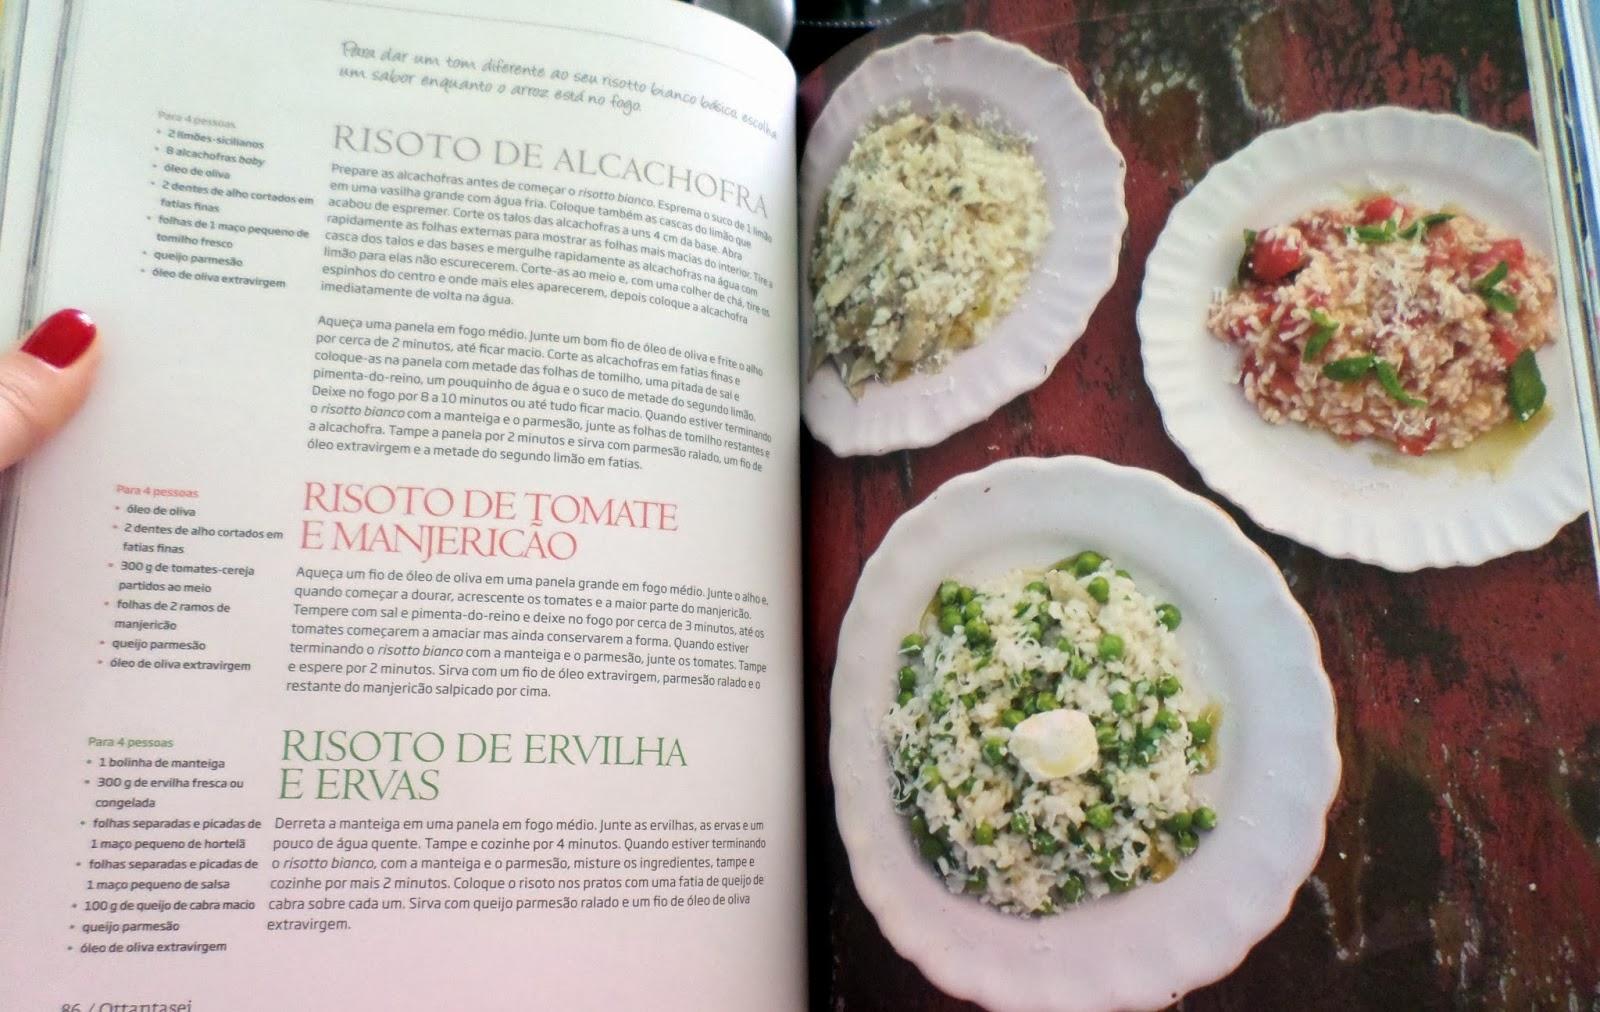 jamie oliver espanha suécia grécia itália marrocos